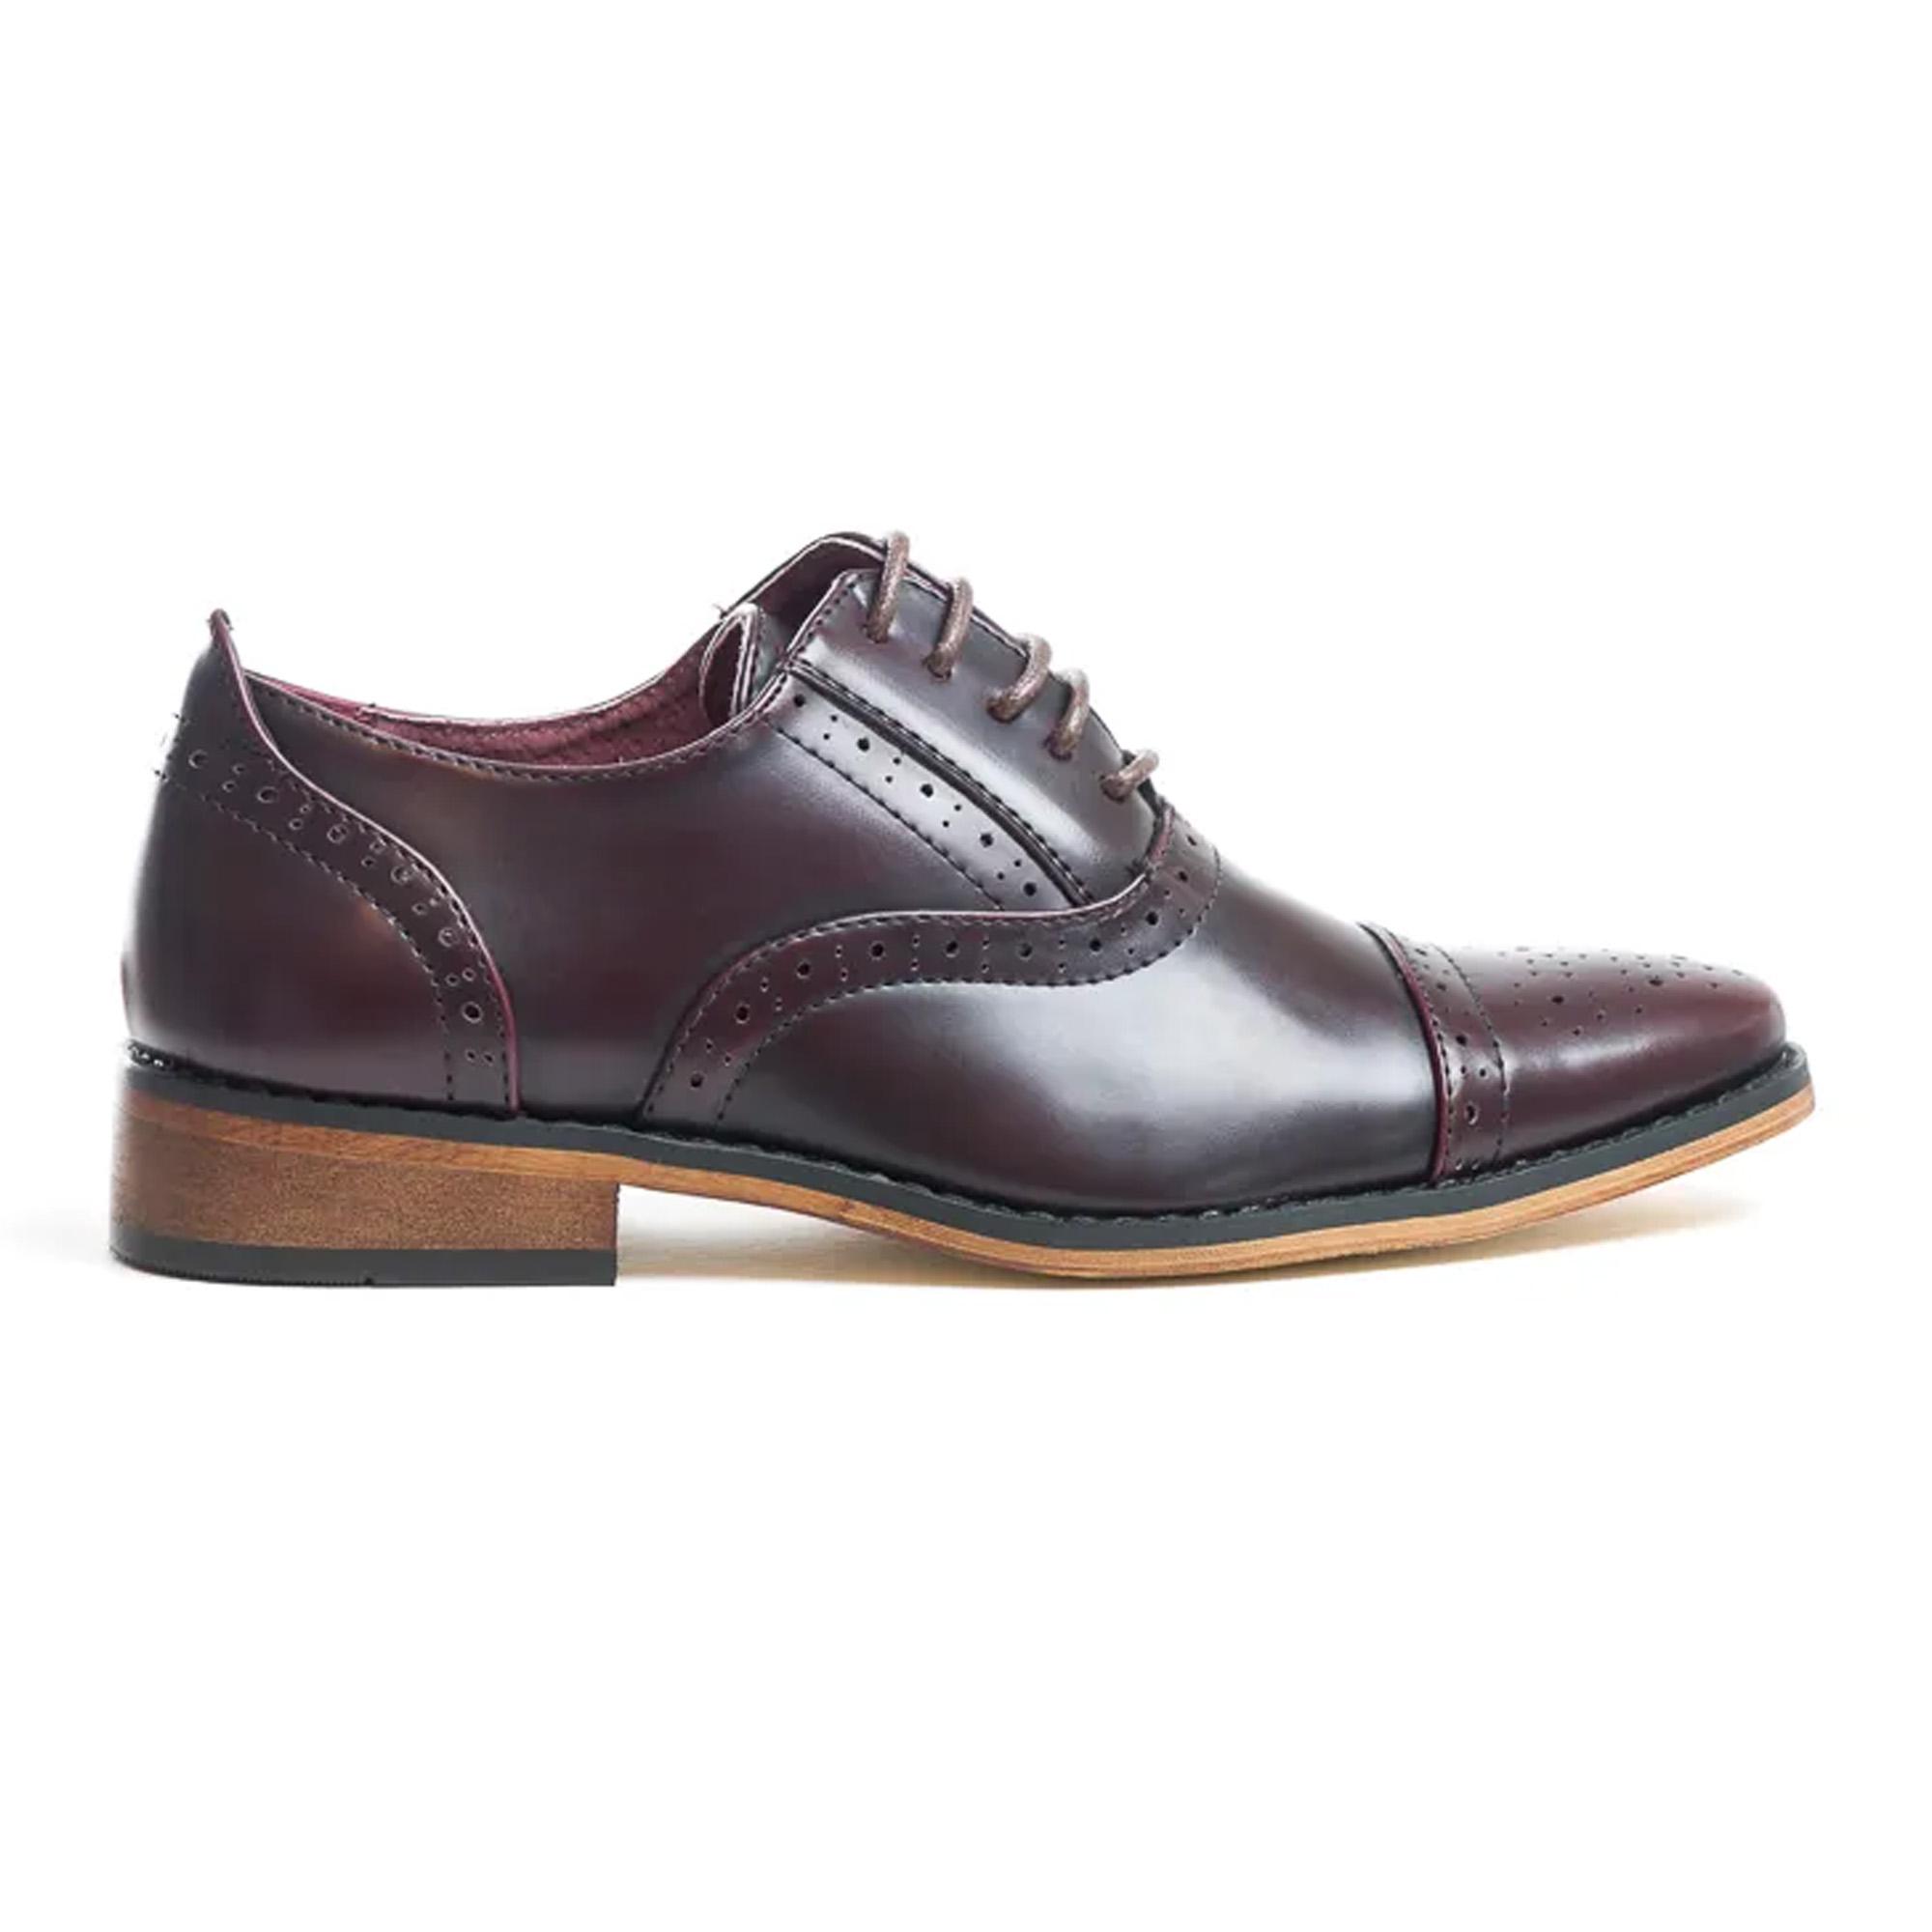 miniature 3 - Goor - Chaussure a lacet - Garçon (DF1400)